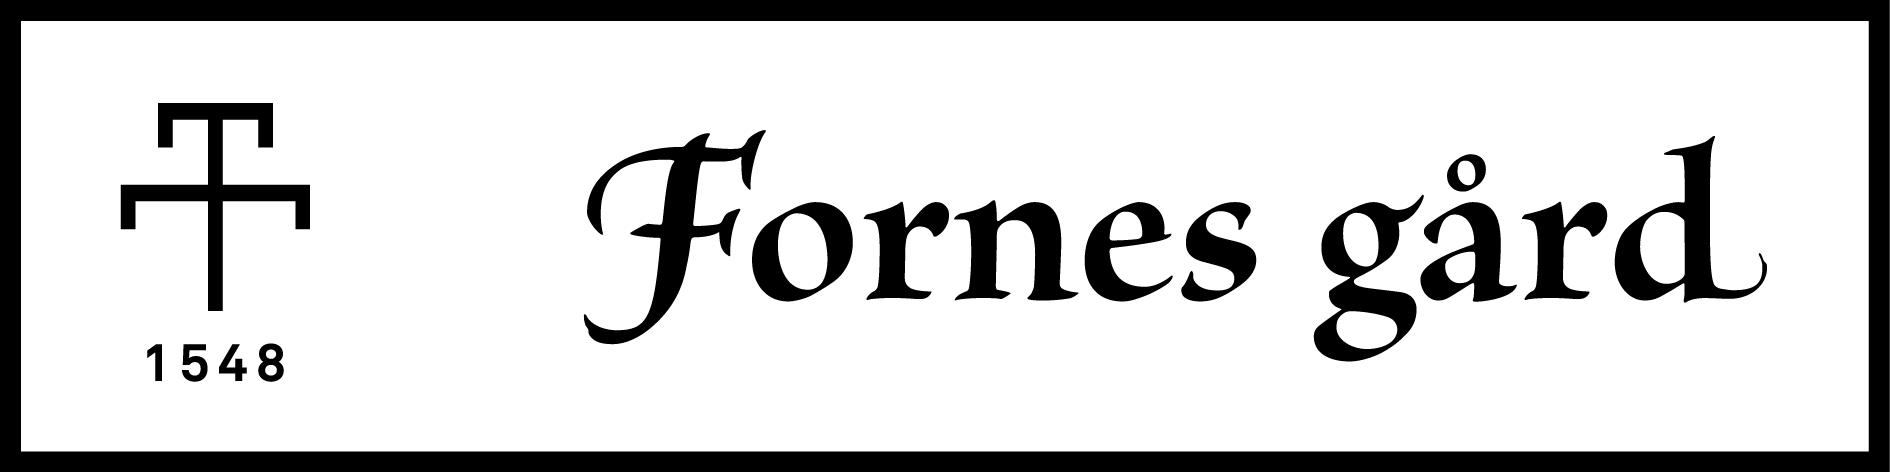 Fornes gård logo avlang rammer-01.png